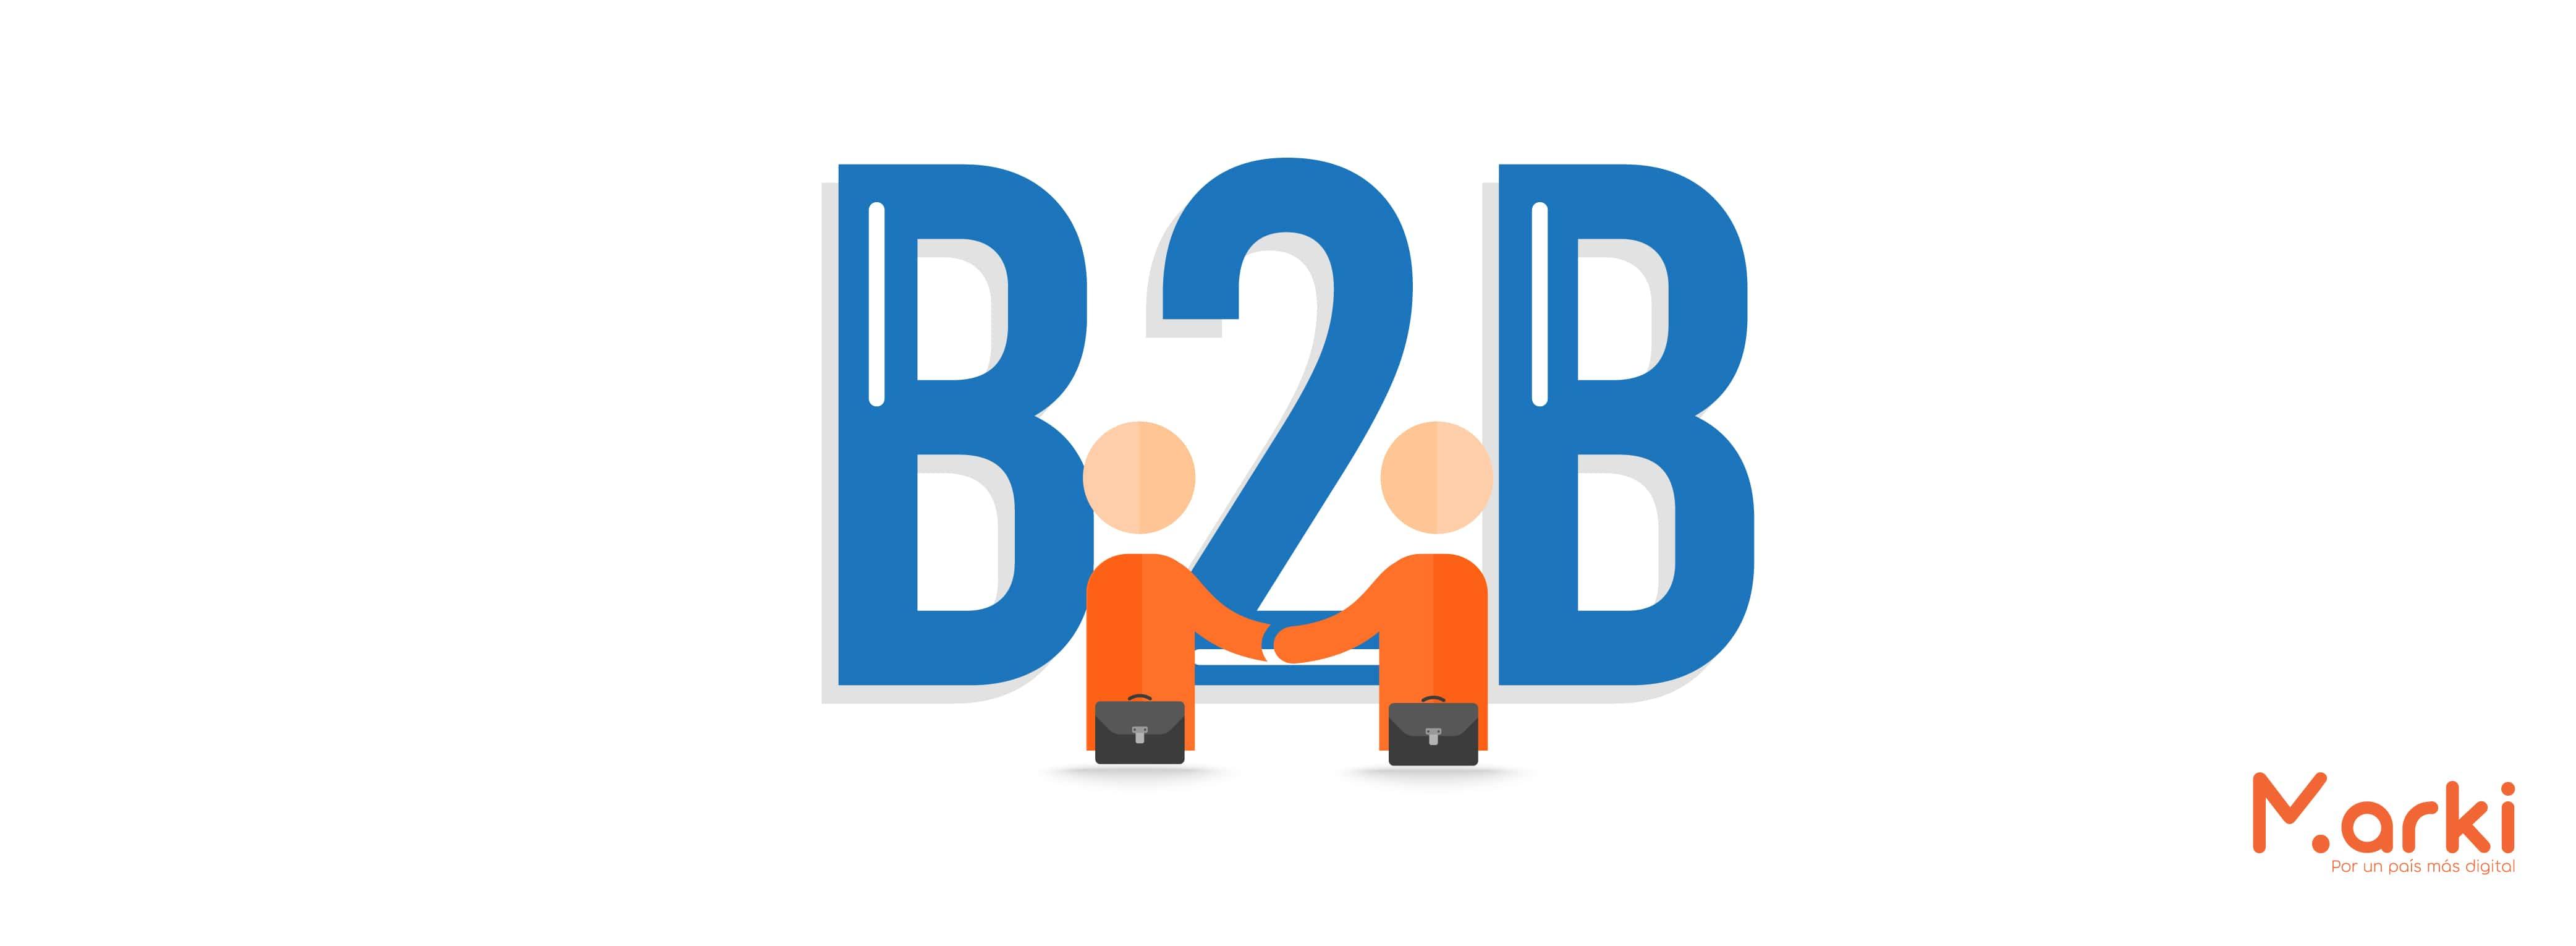 buyer persona b2b que es un buyer persona ejemplos como crear tu buyer persona ejemplos de buyer persona